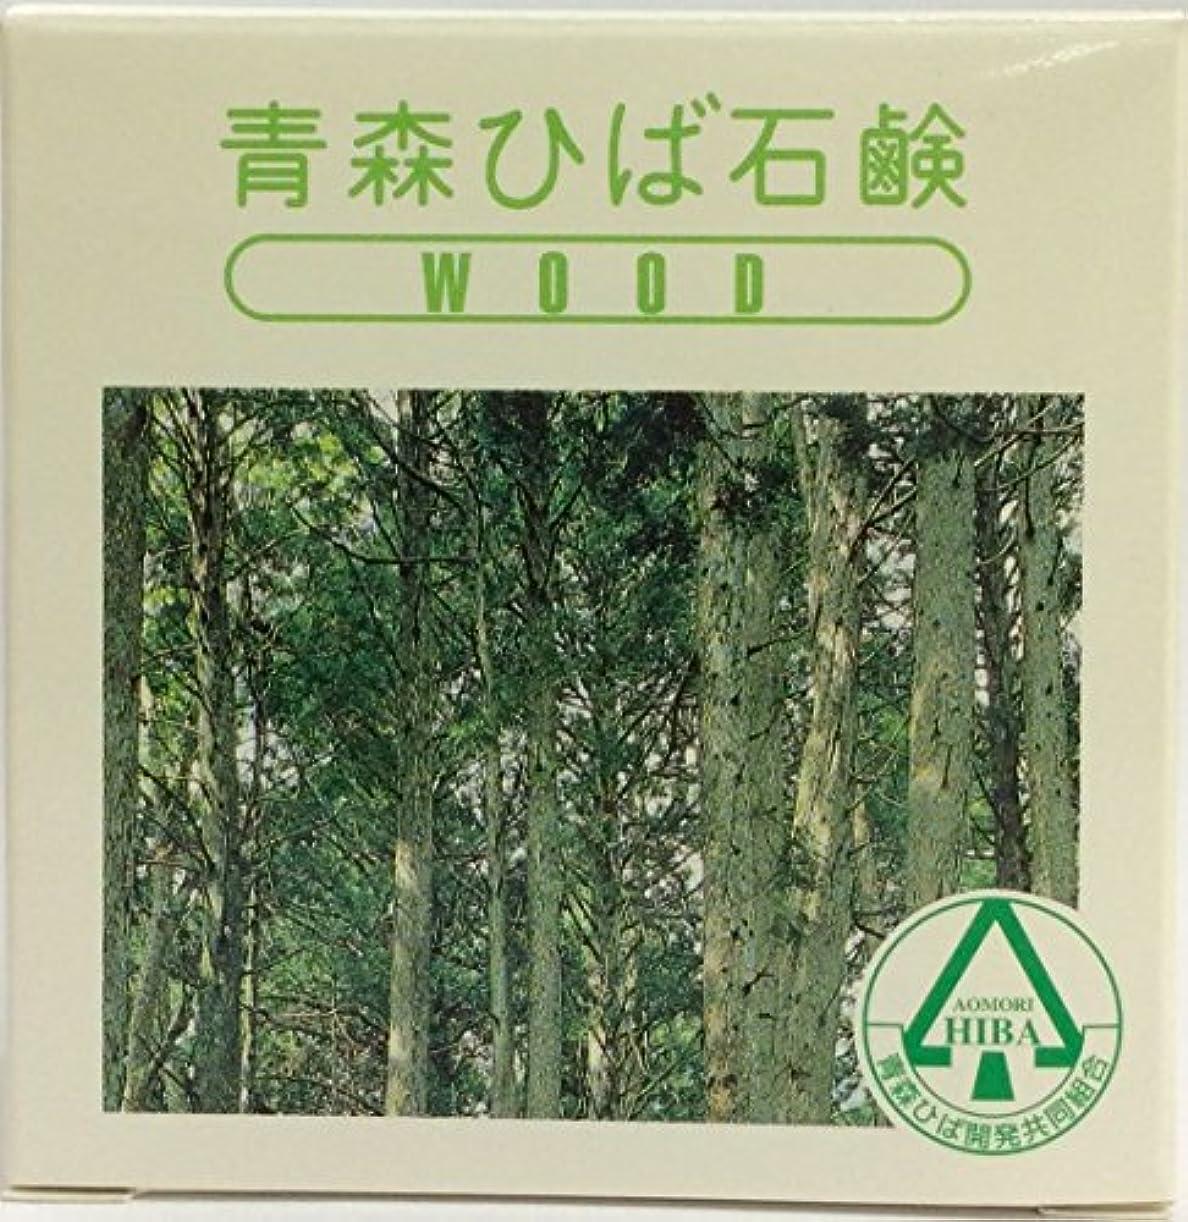 ゴルフ膜インストラクター青森ひば石鹸 WOOD 95g クラウンウッド(Y)